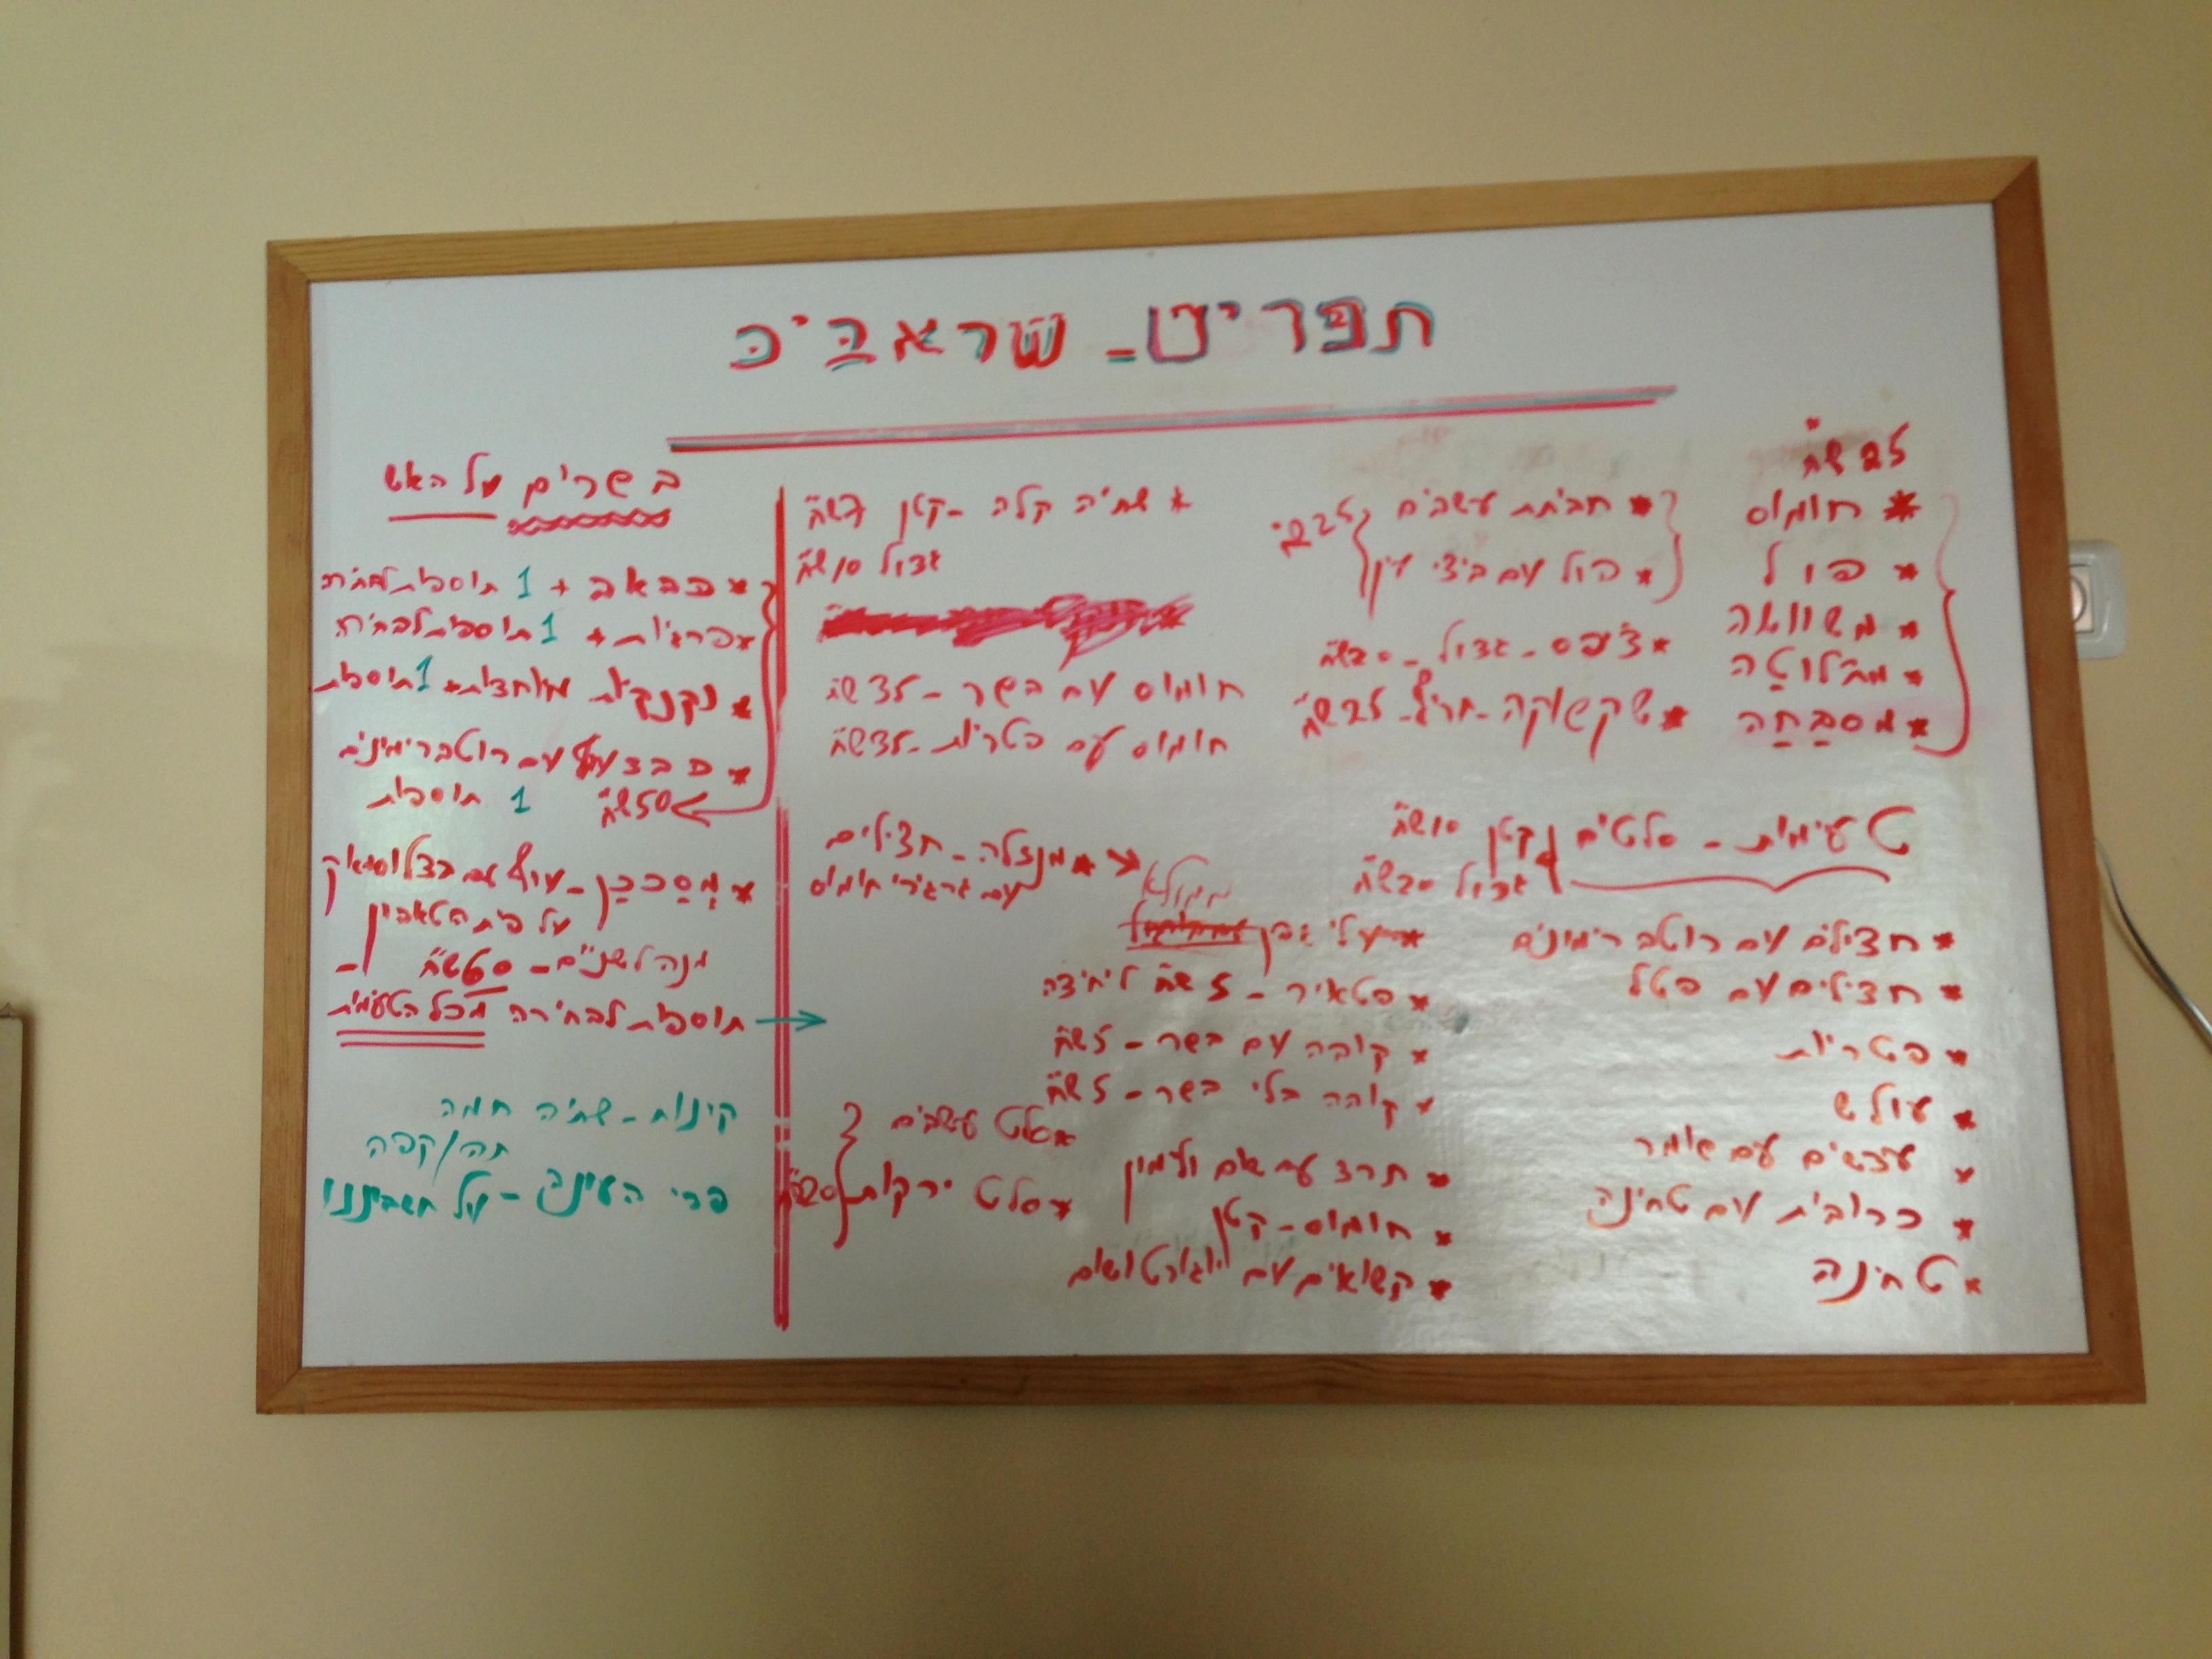 התפריט של שראביכ נכון ל2.10.2014 - לחצו כדי להגדיל. צילום והצללה על הלוח: עז תלם